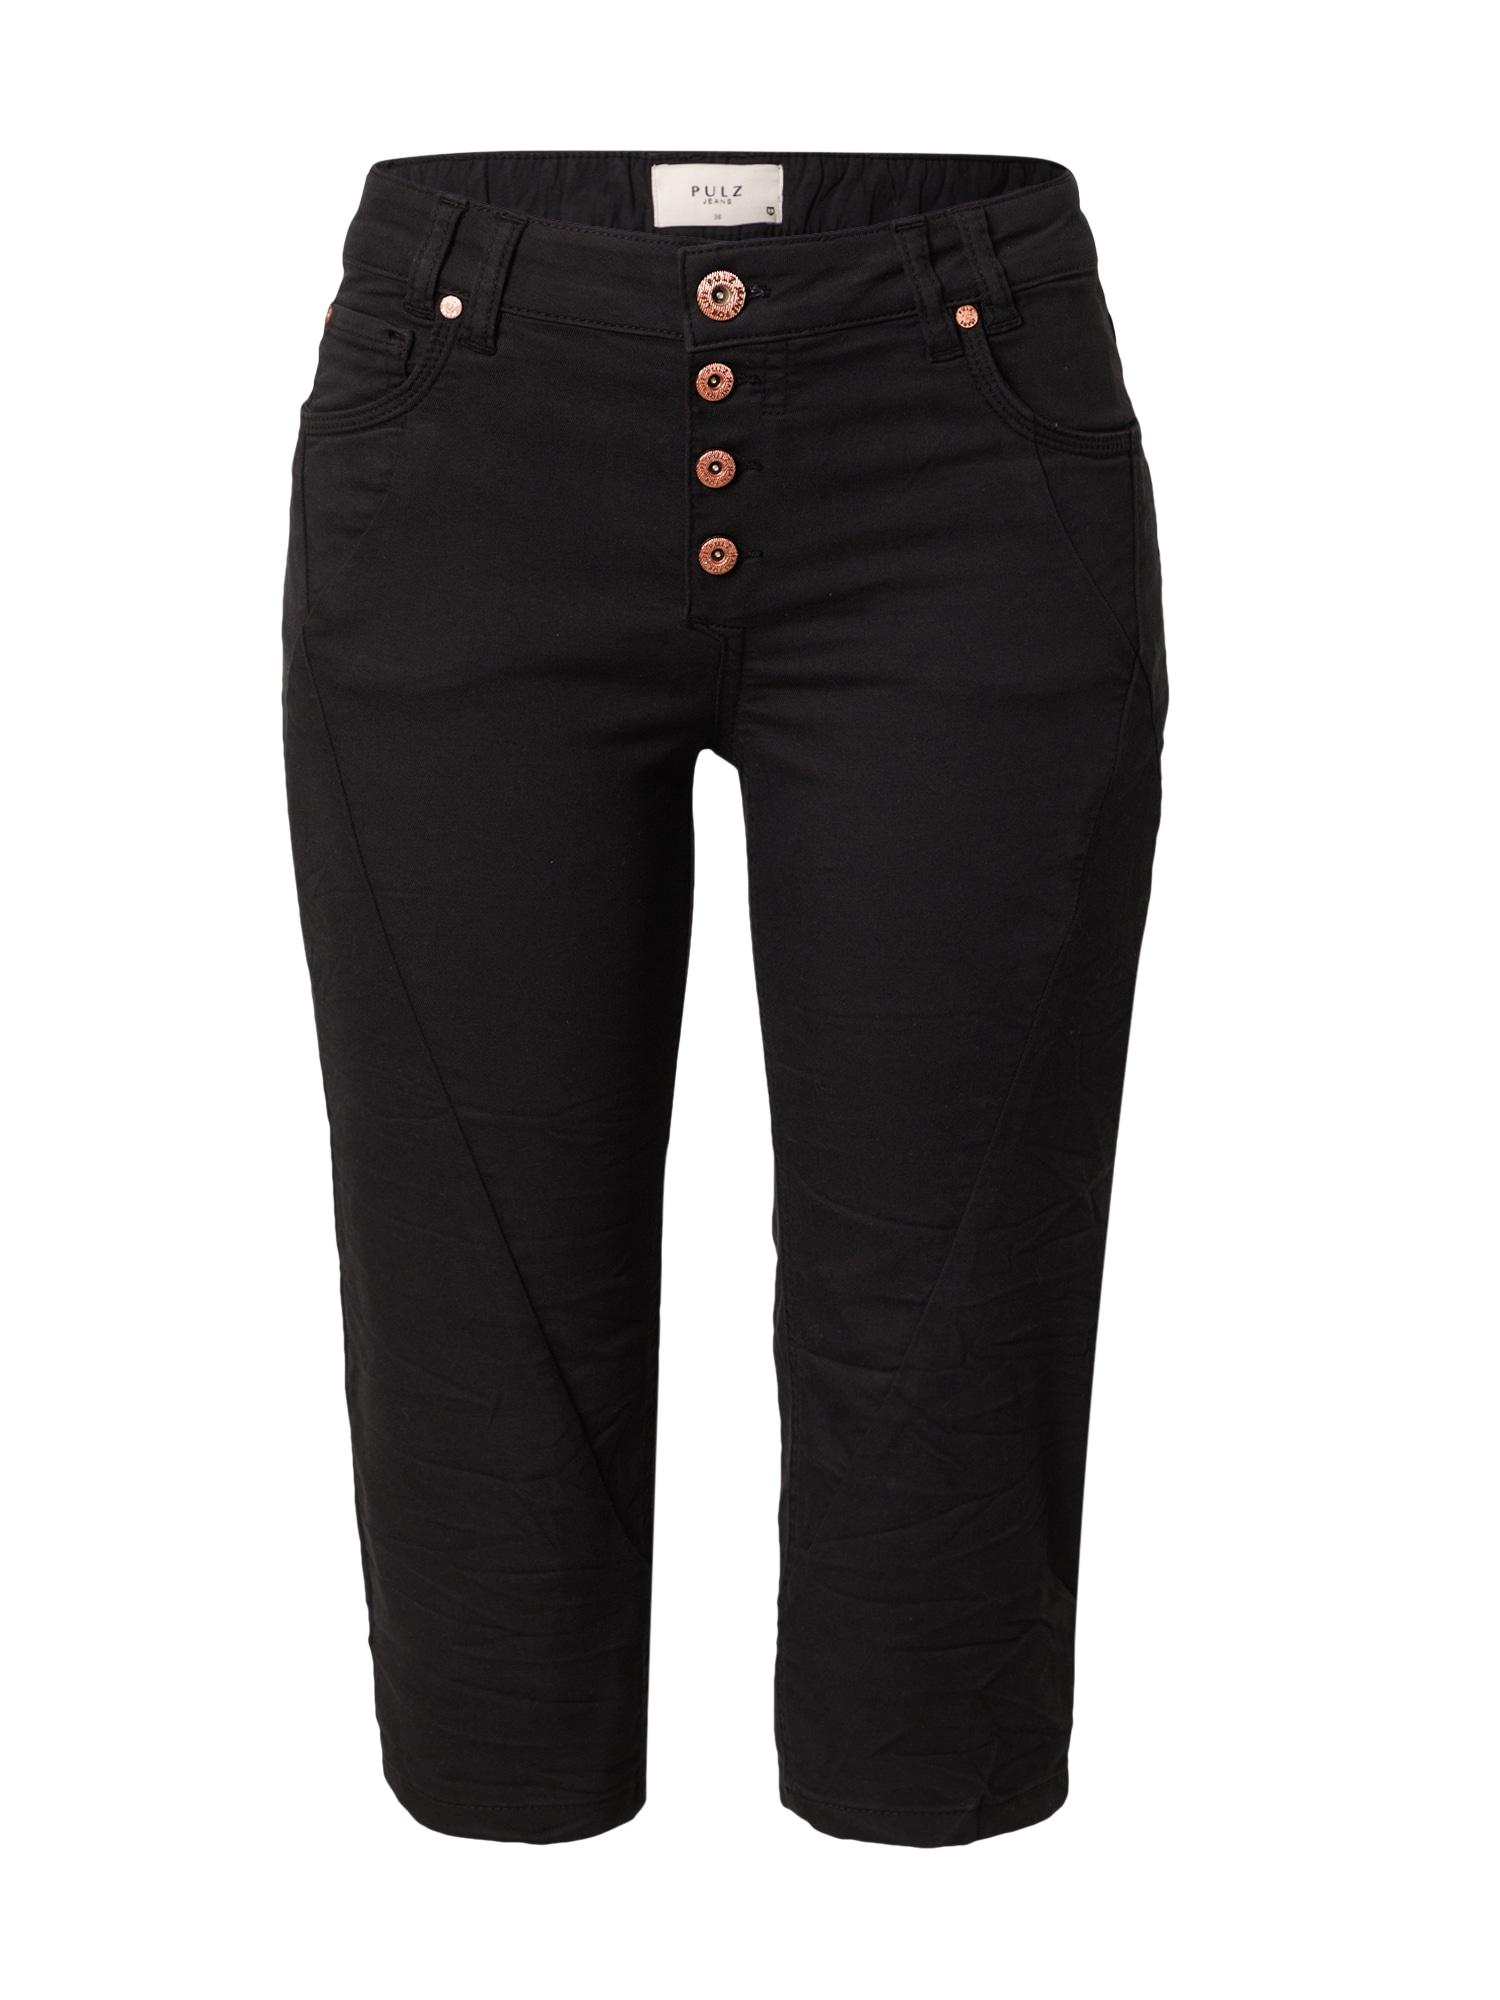 PULZ Jeans Kelnės juoda